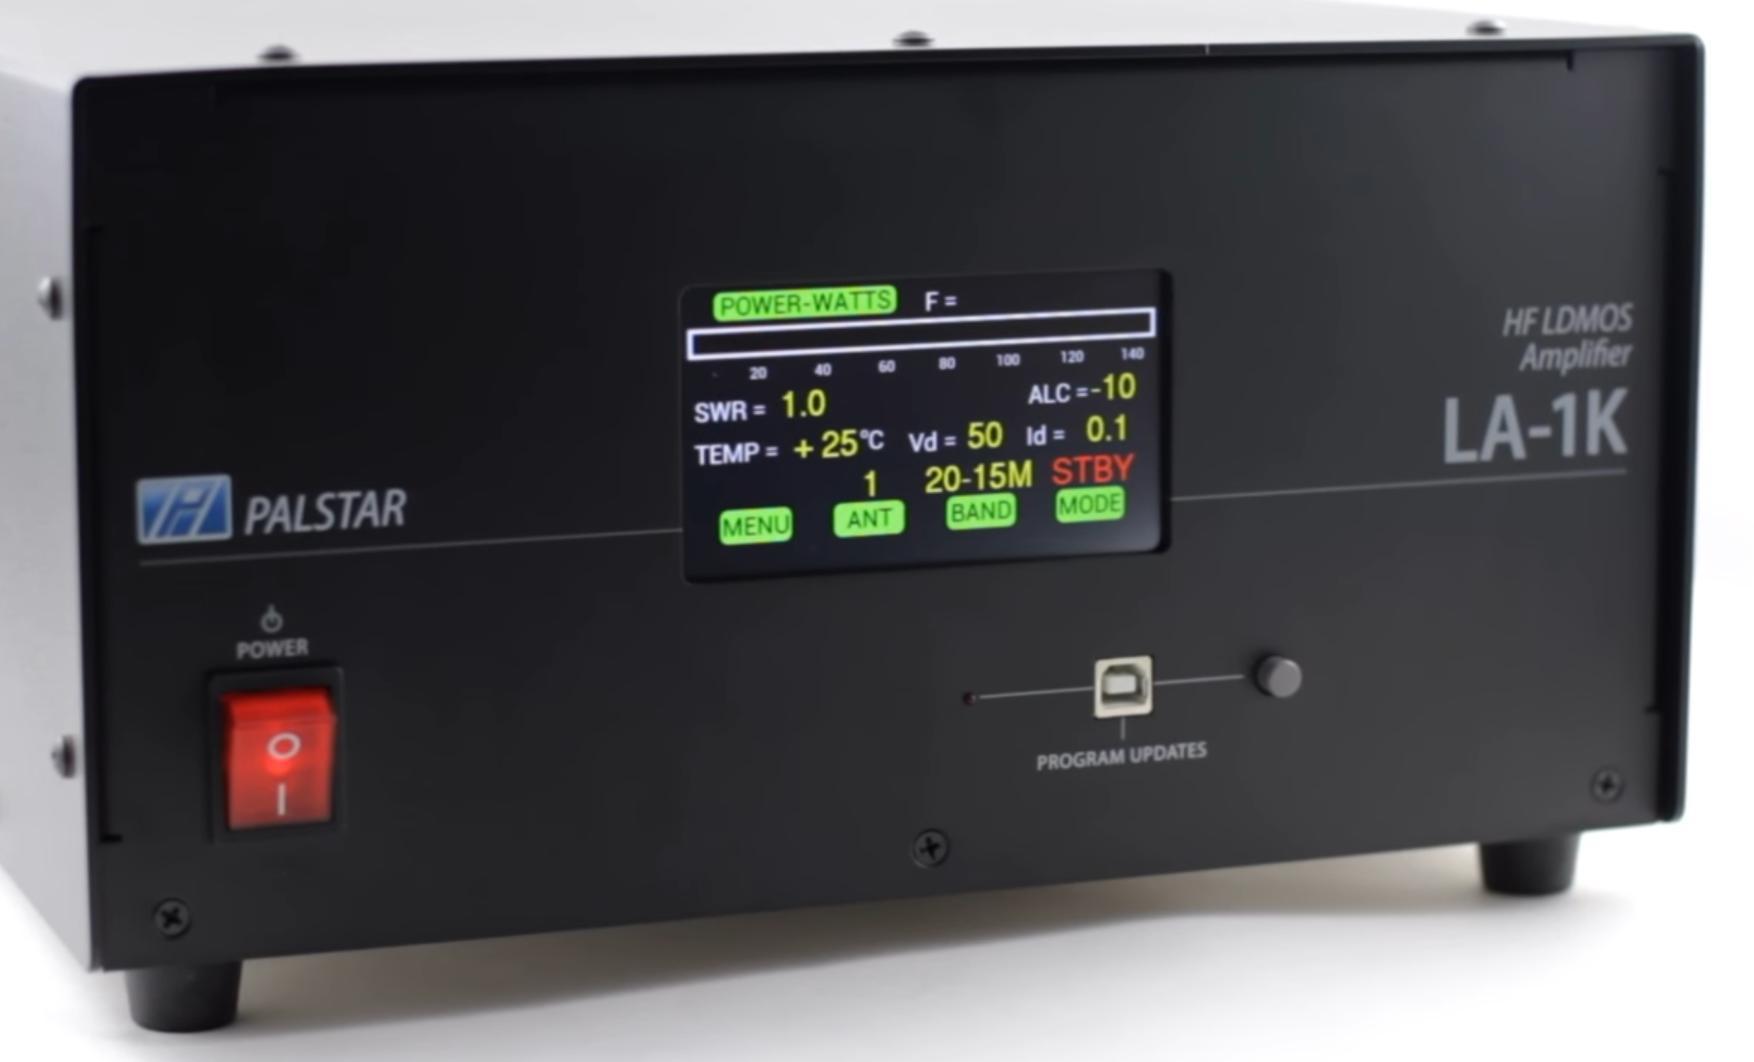 Palstar Amplificateur HF à transistors LA-1K Face-avant